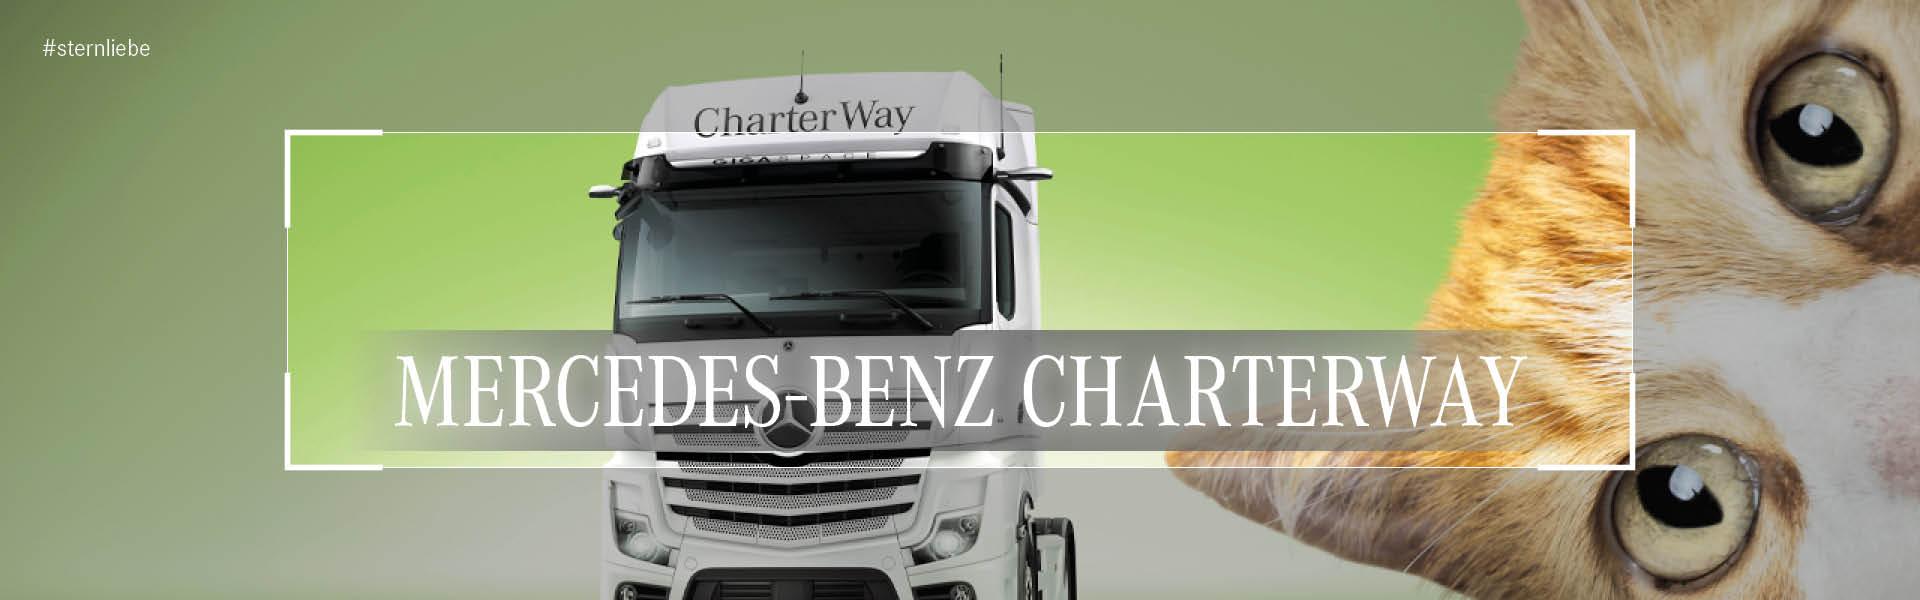 Banner-CharterWay Mercedes Benz Mieten Kaufen verkaufen